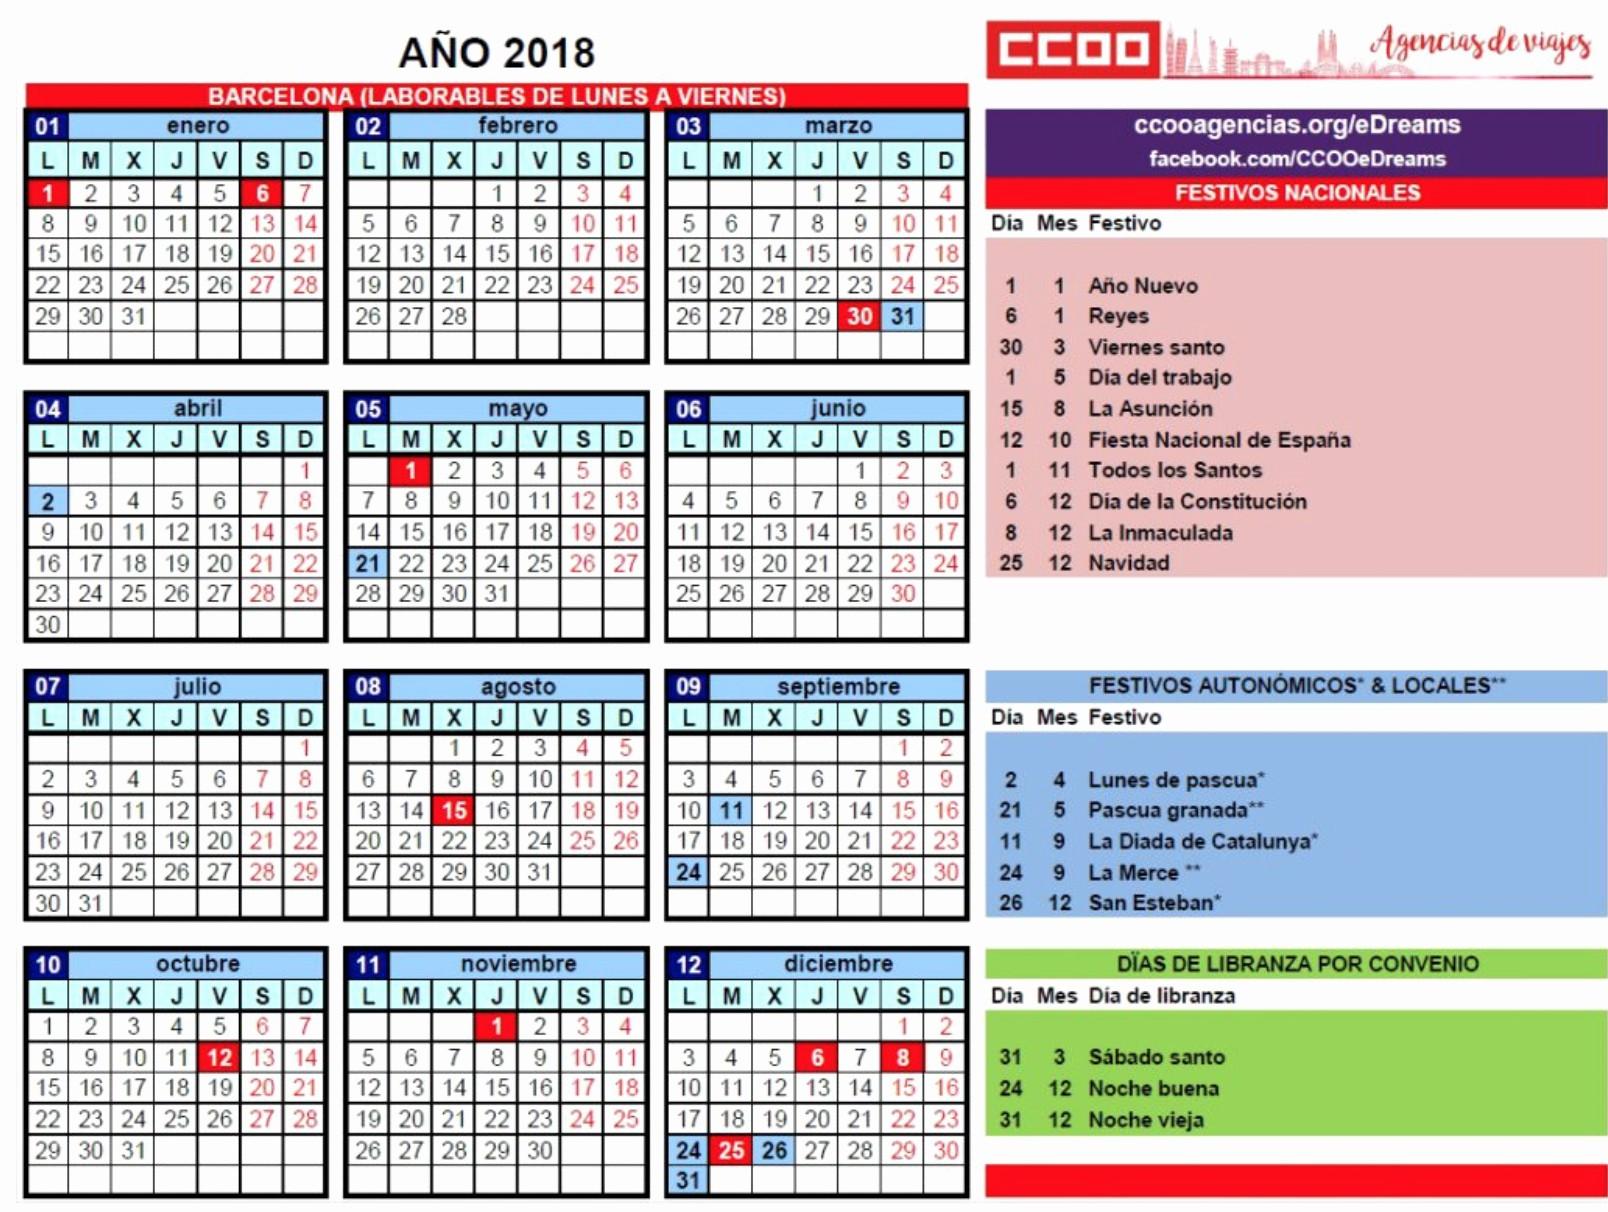 Calendario Para Imprimir Webcid Más Recientemente Liberado Beautiful 33 Ejemplos Runedia Calendario De Carreras 2019 Of Calendario Para Imprimir Webcid Actual Calendario 2018 Rj Hz43 Ivango